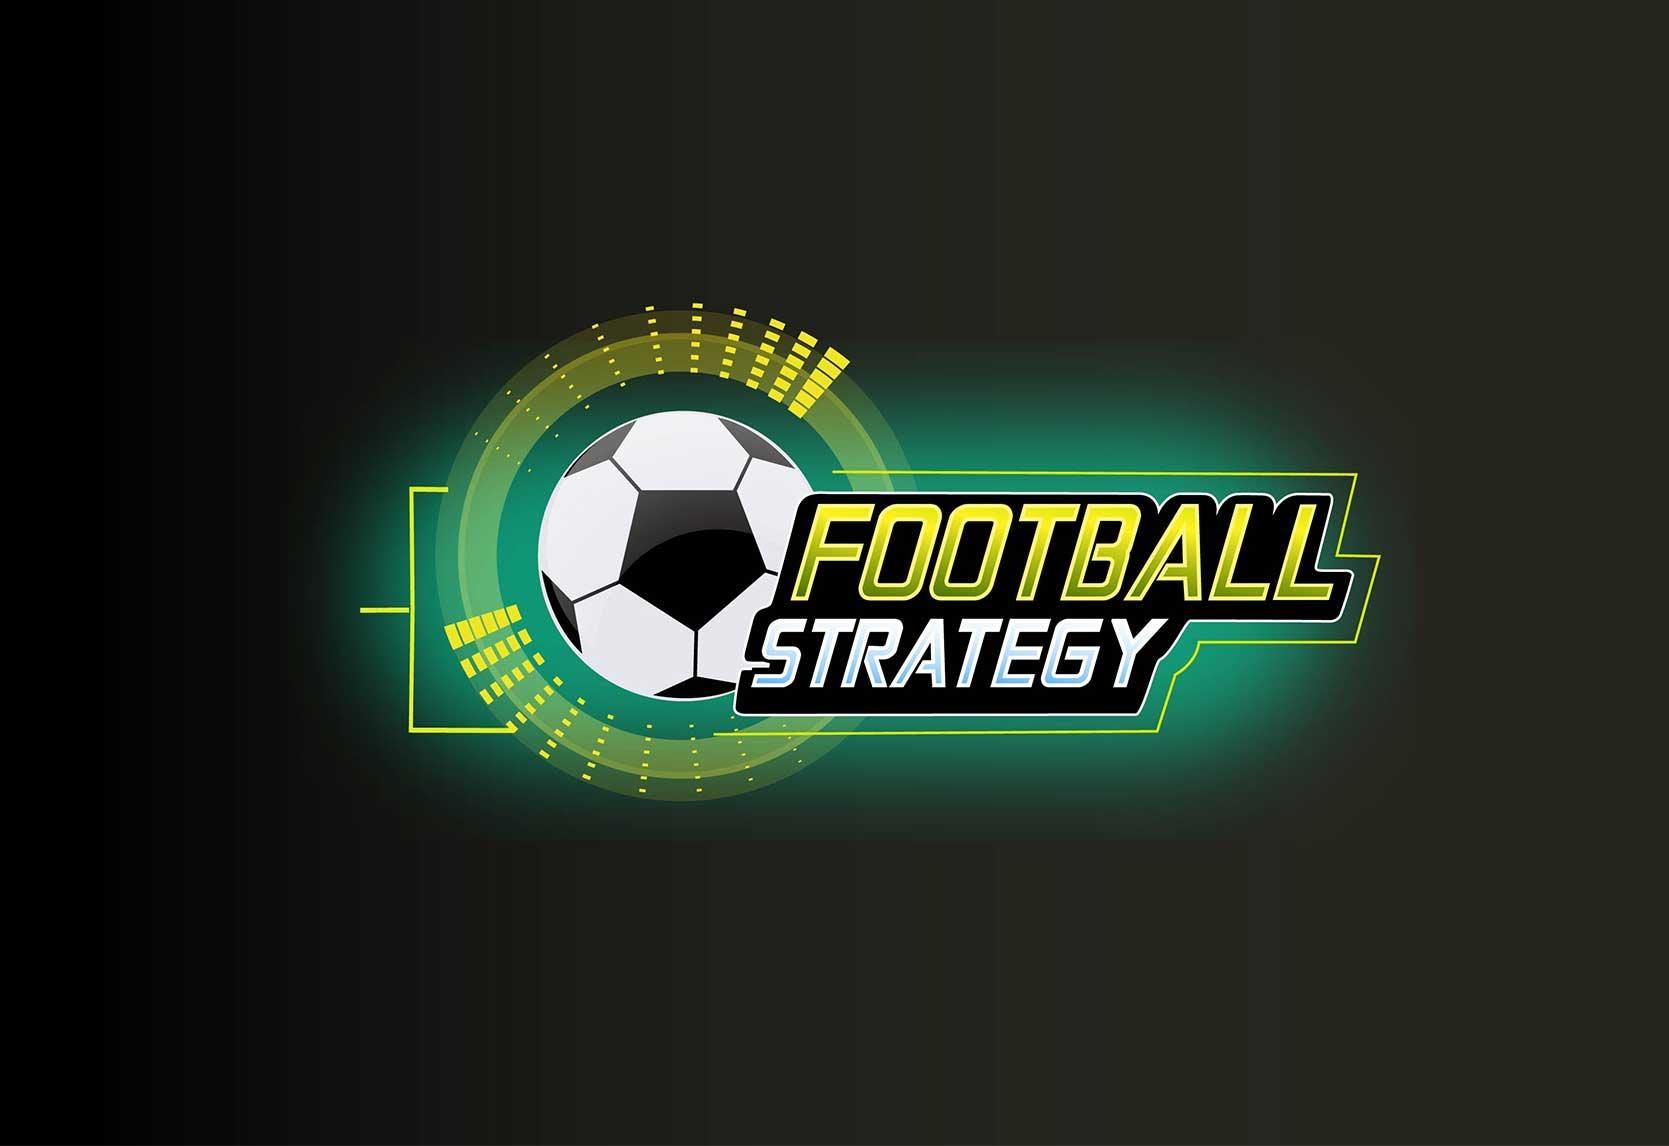 Бесплатные стратегии на ставки спорт ставки на спорт обсуждение 13.11.2011